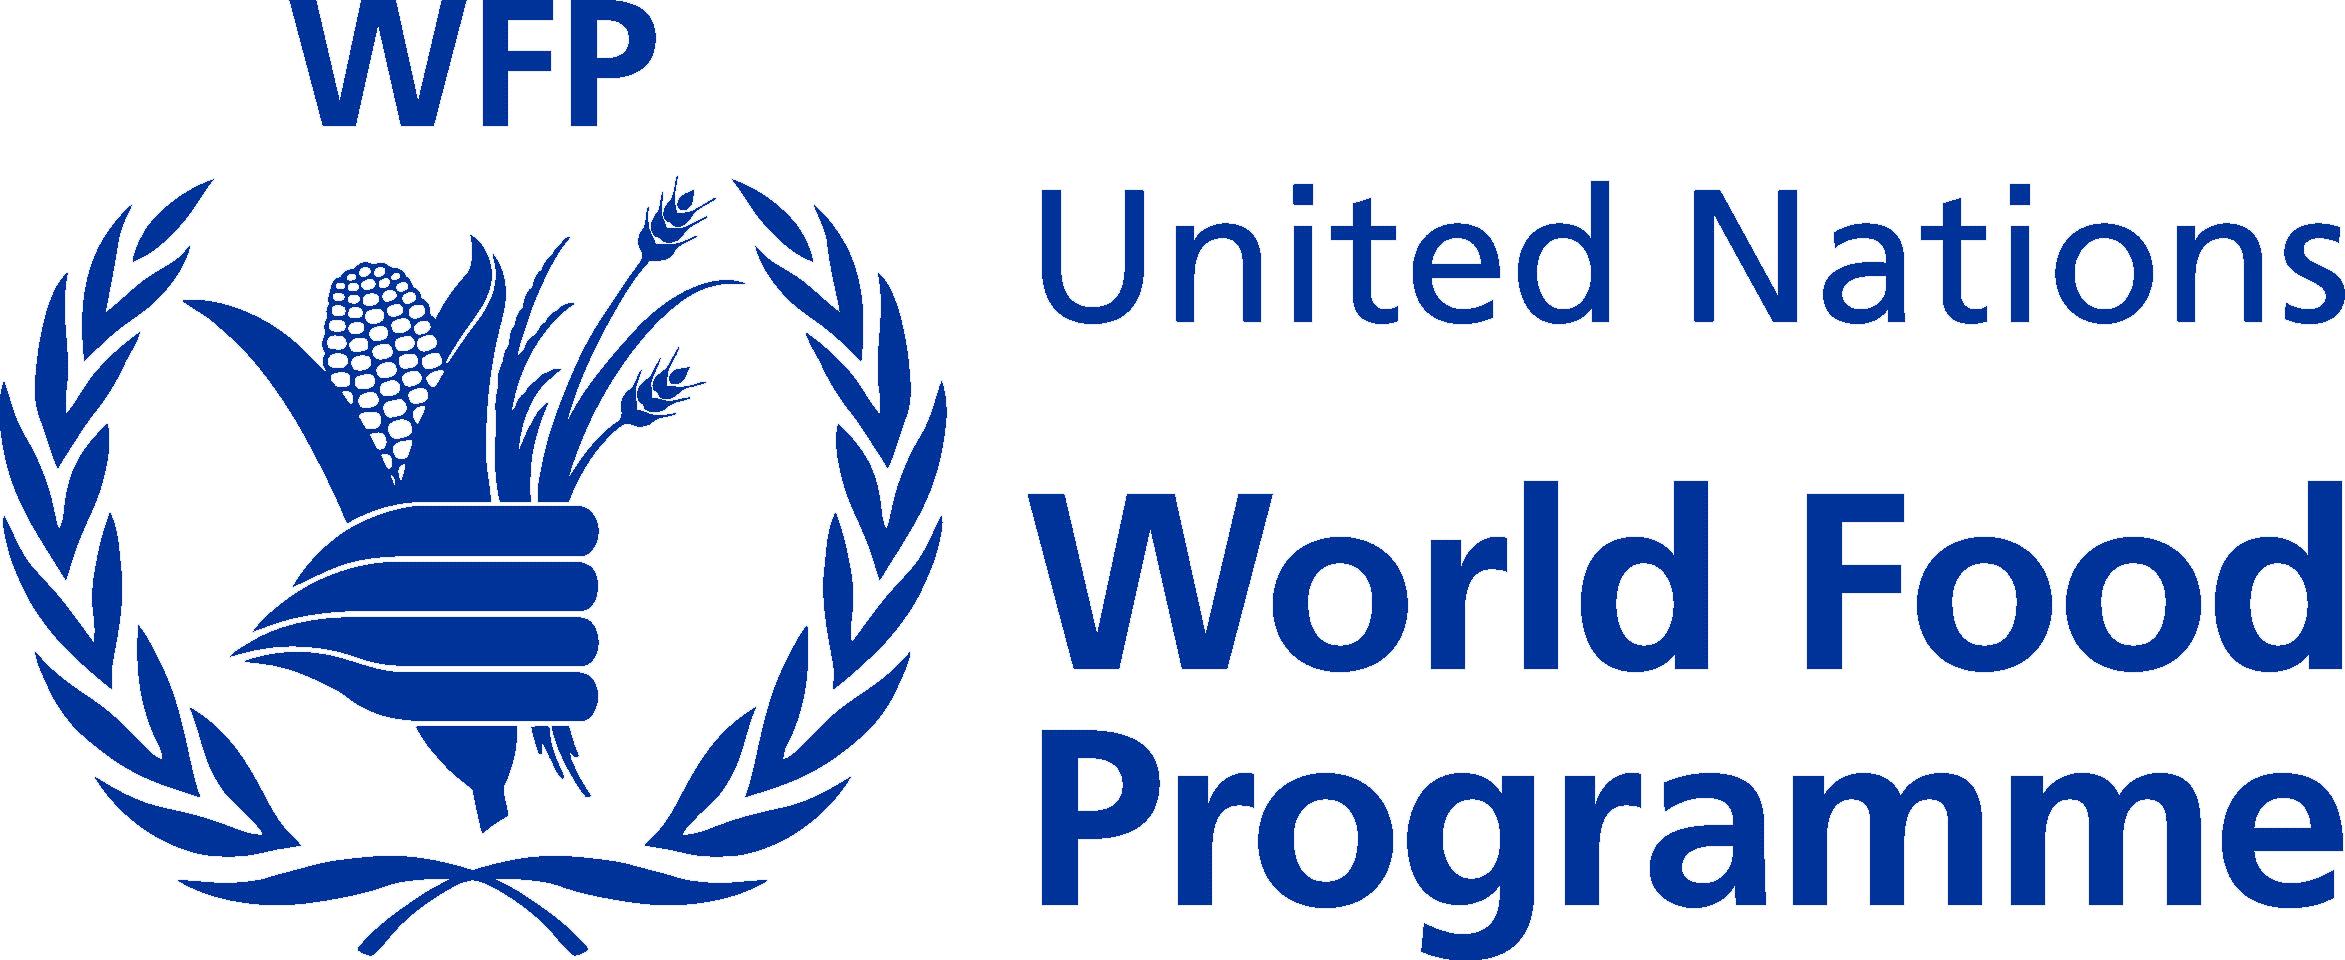 Afbeeldingsresultaat voor wfp logo